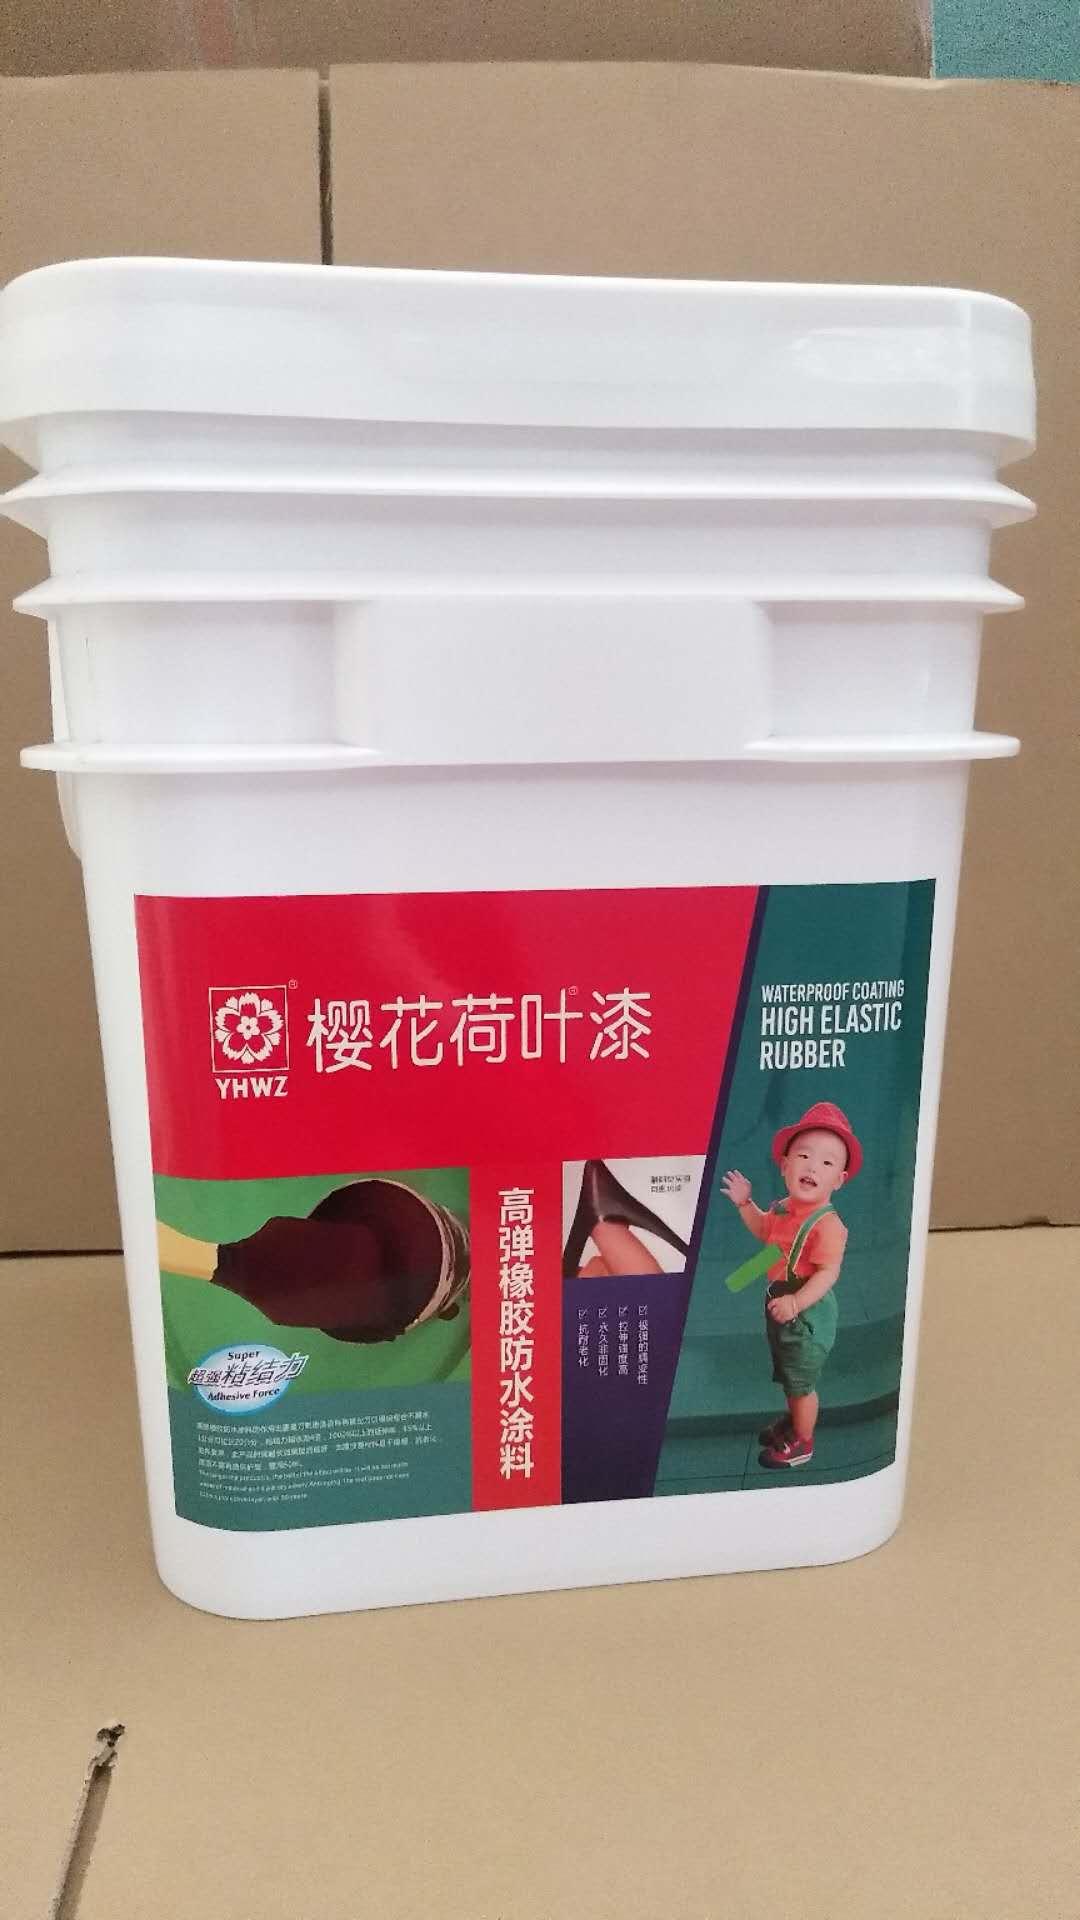 销量好的高弹橡胶防水涂料推荐-价格合理的高弹橡胶防水涂料